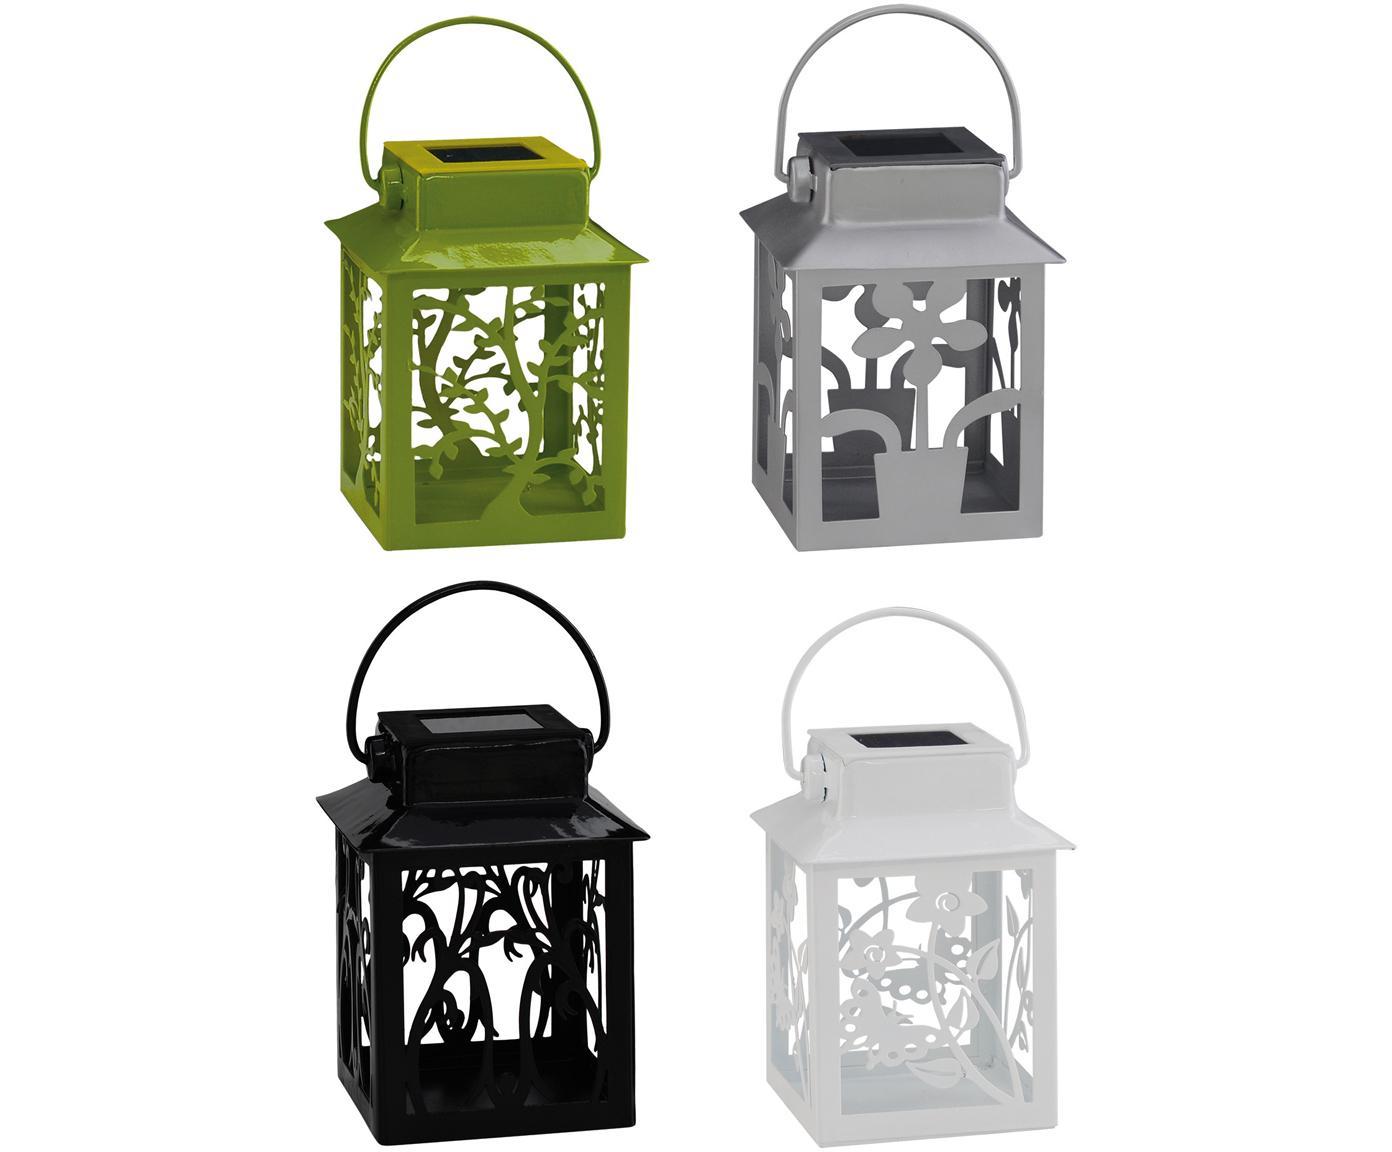 Solar LED lampenset Garden-Lantern, 4-delig, Metaal, kunststof, Multicolour, L 8 x H 13 cm